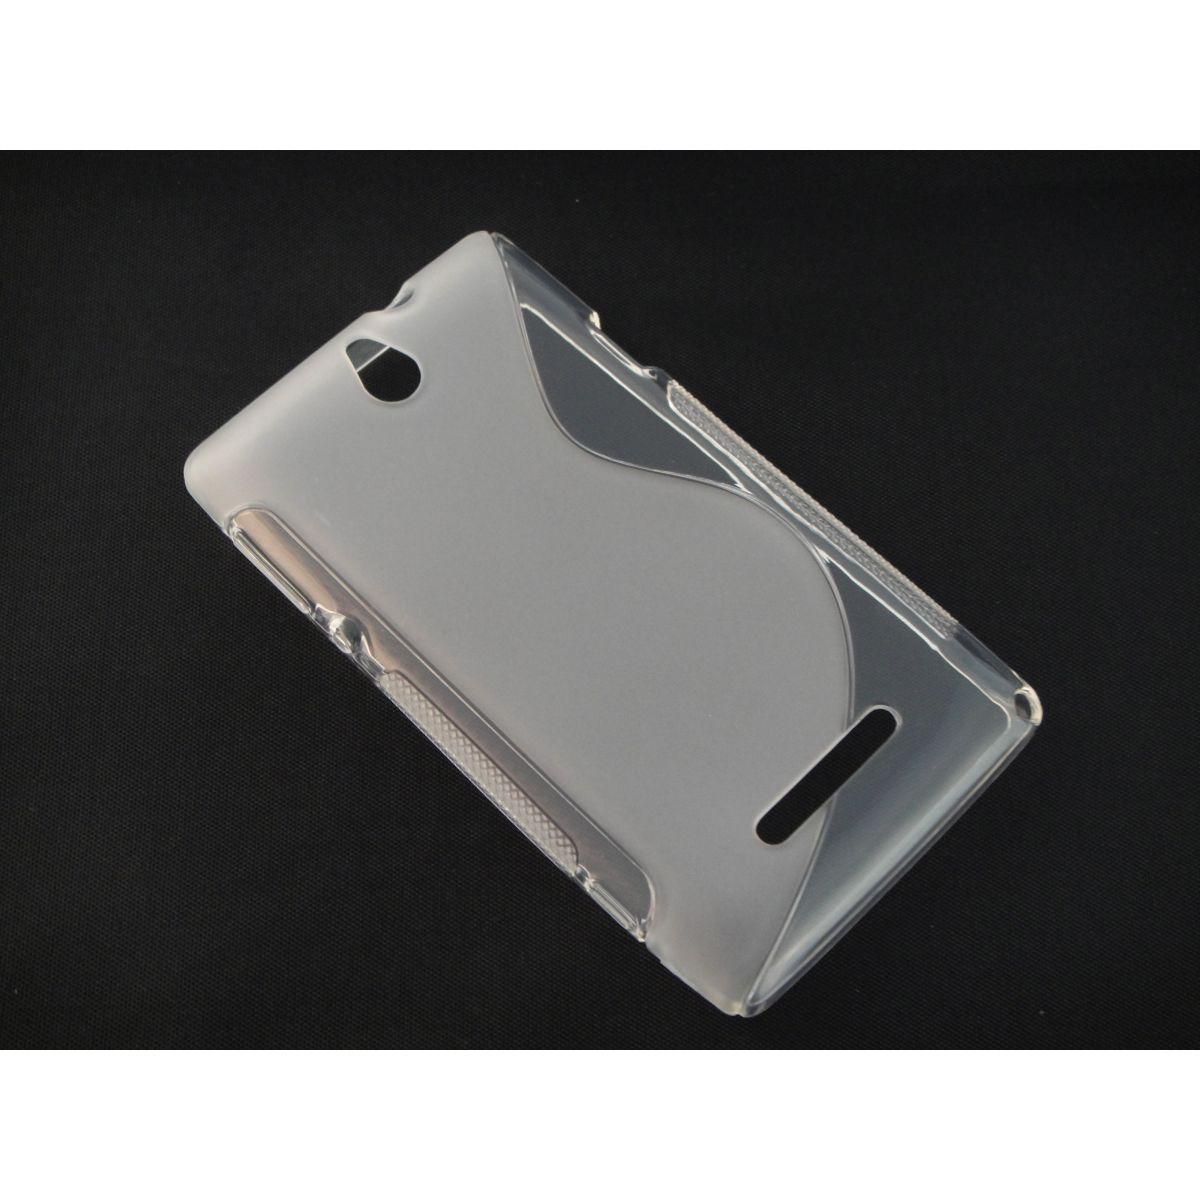 Capa TPU S-Type Transparente Sony Xperia E C1604 C1605 + Película Flexível